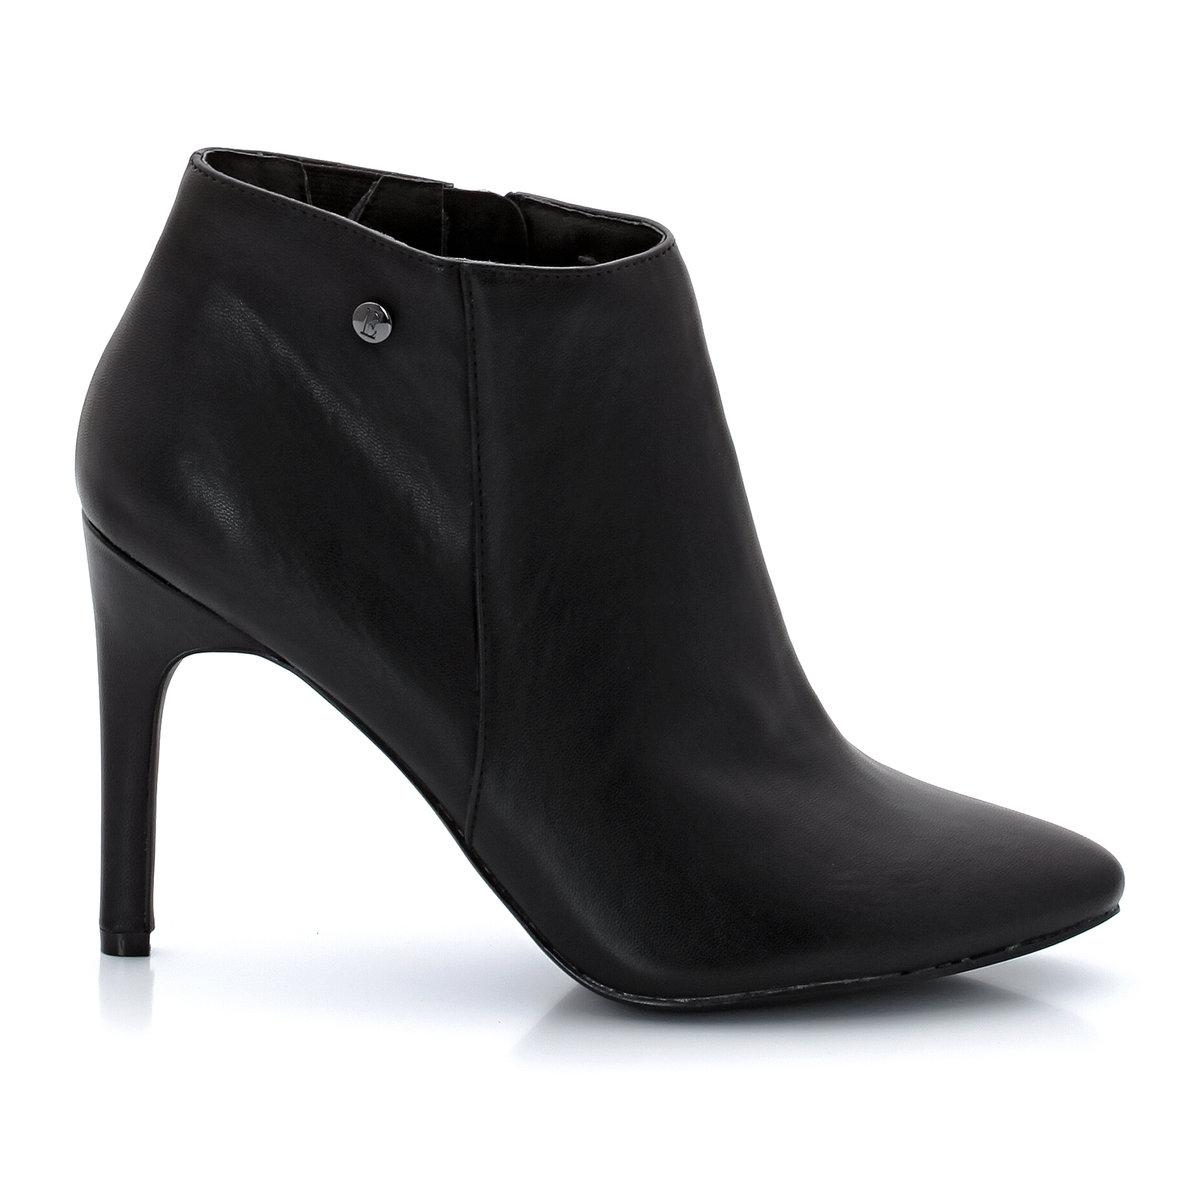 Ботильоны TreviseНеоспоримые плюсы: супер модный и бескомпромиссный стиль. Ботильоны на высоком каблуке, которые не оставят никого равнодушным.<br><br>Цвет: черный<br>Размер: 37